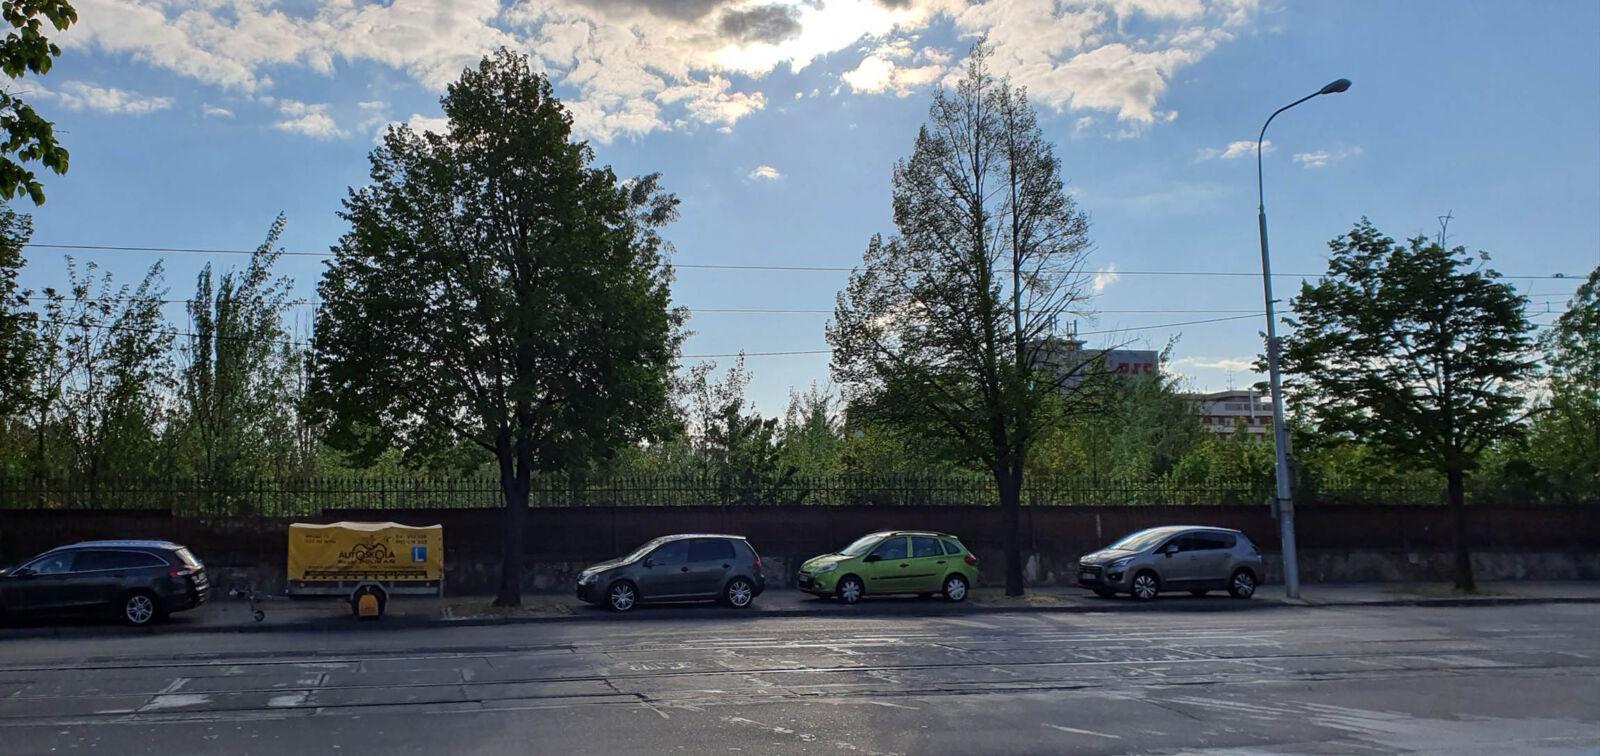 Šumavská parkování na ulici